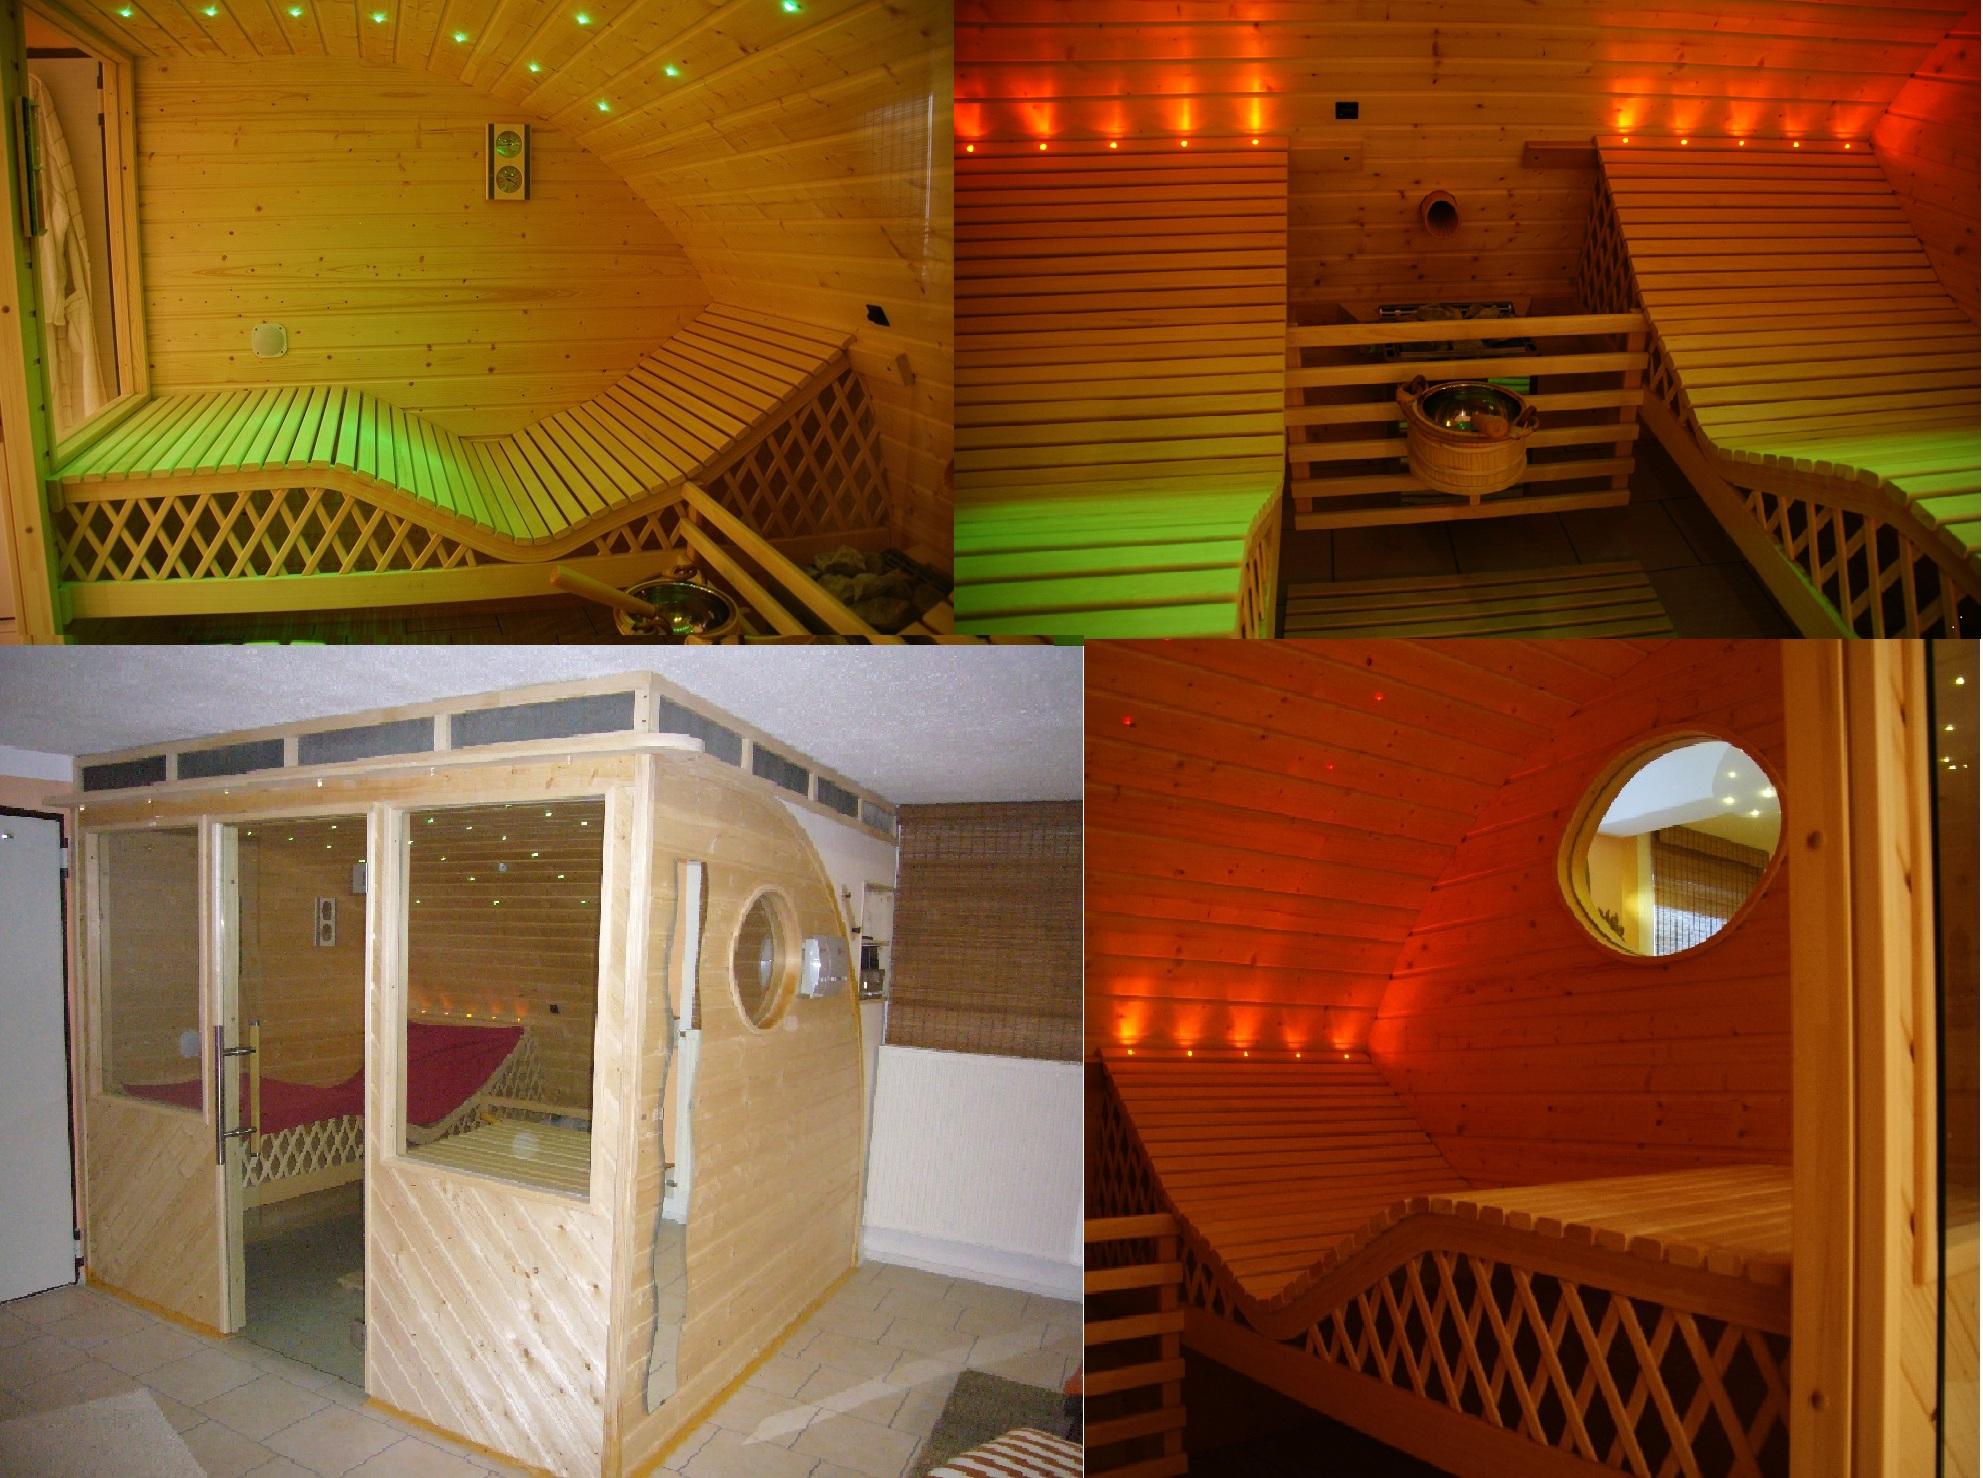 Full Size of Sauna Selber Bauen Ist Das Mglich Sinnvoll Pool Im Garten Fenster Rolladen Nachträglich Einbauen Regale Kosten Bett 180x200 Zusammenstellen Neue 140x200 Wohnzimmer Sauna Selber Bauen